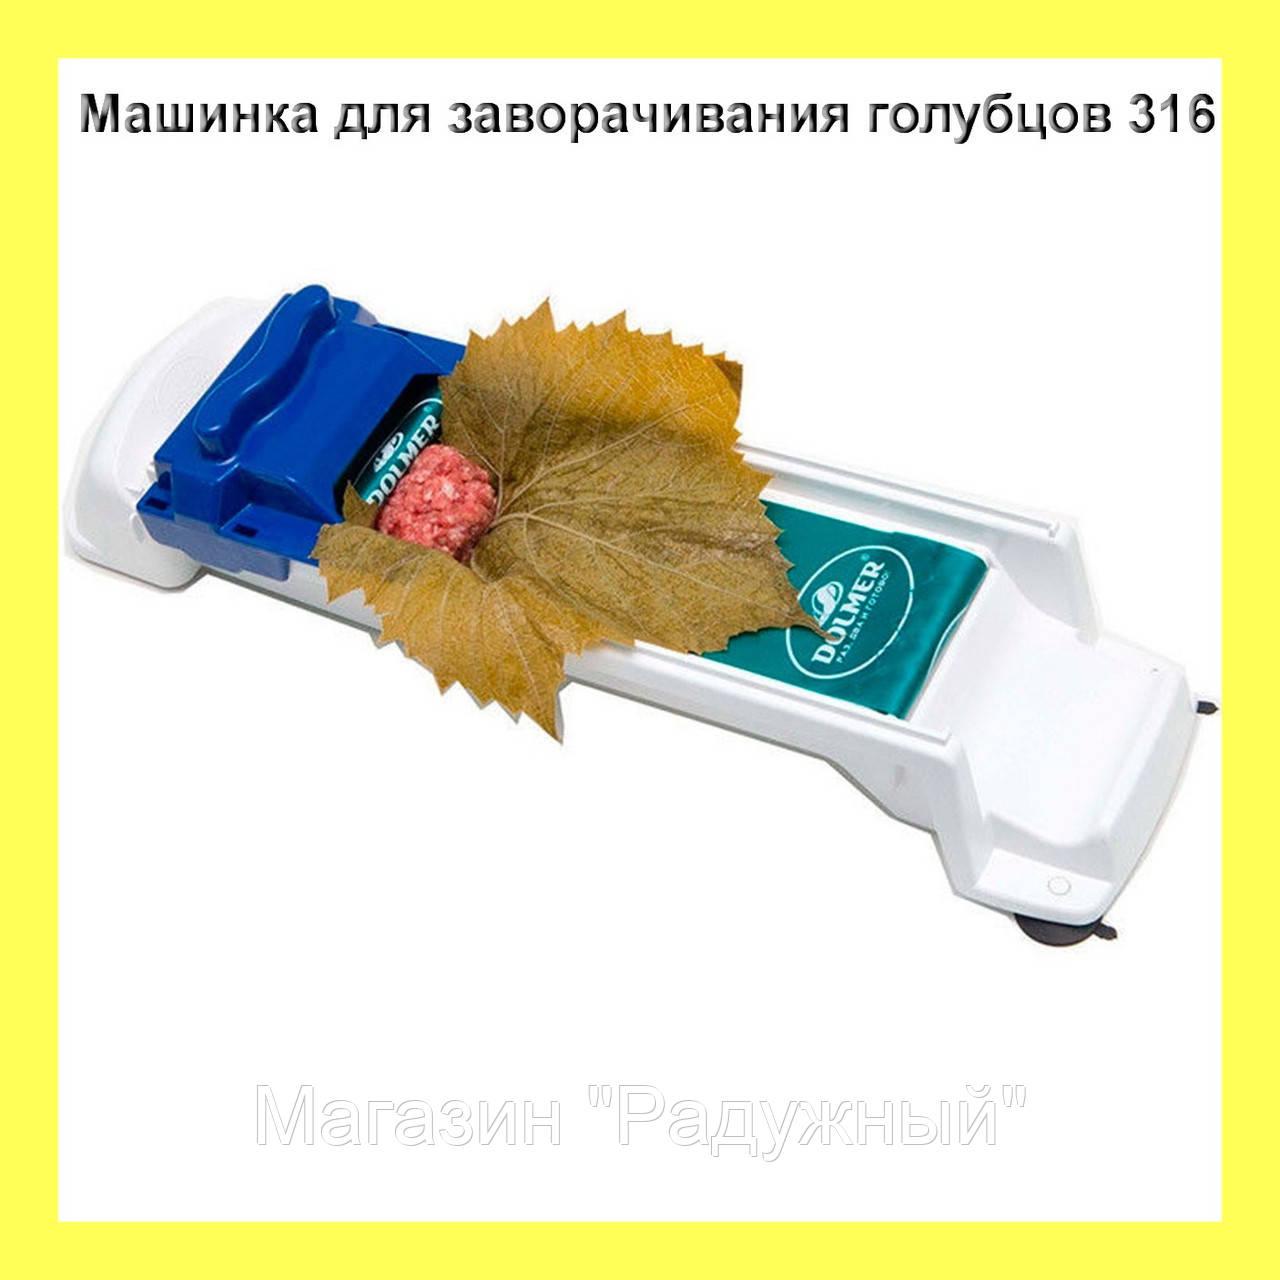 """Машинка для заворачивания голубцов 316!Акция - Магазин """"Радужный"""" в Киеве"""